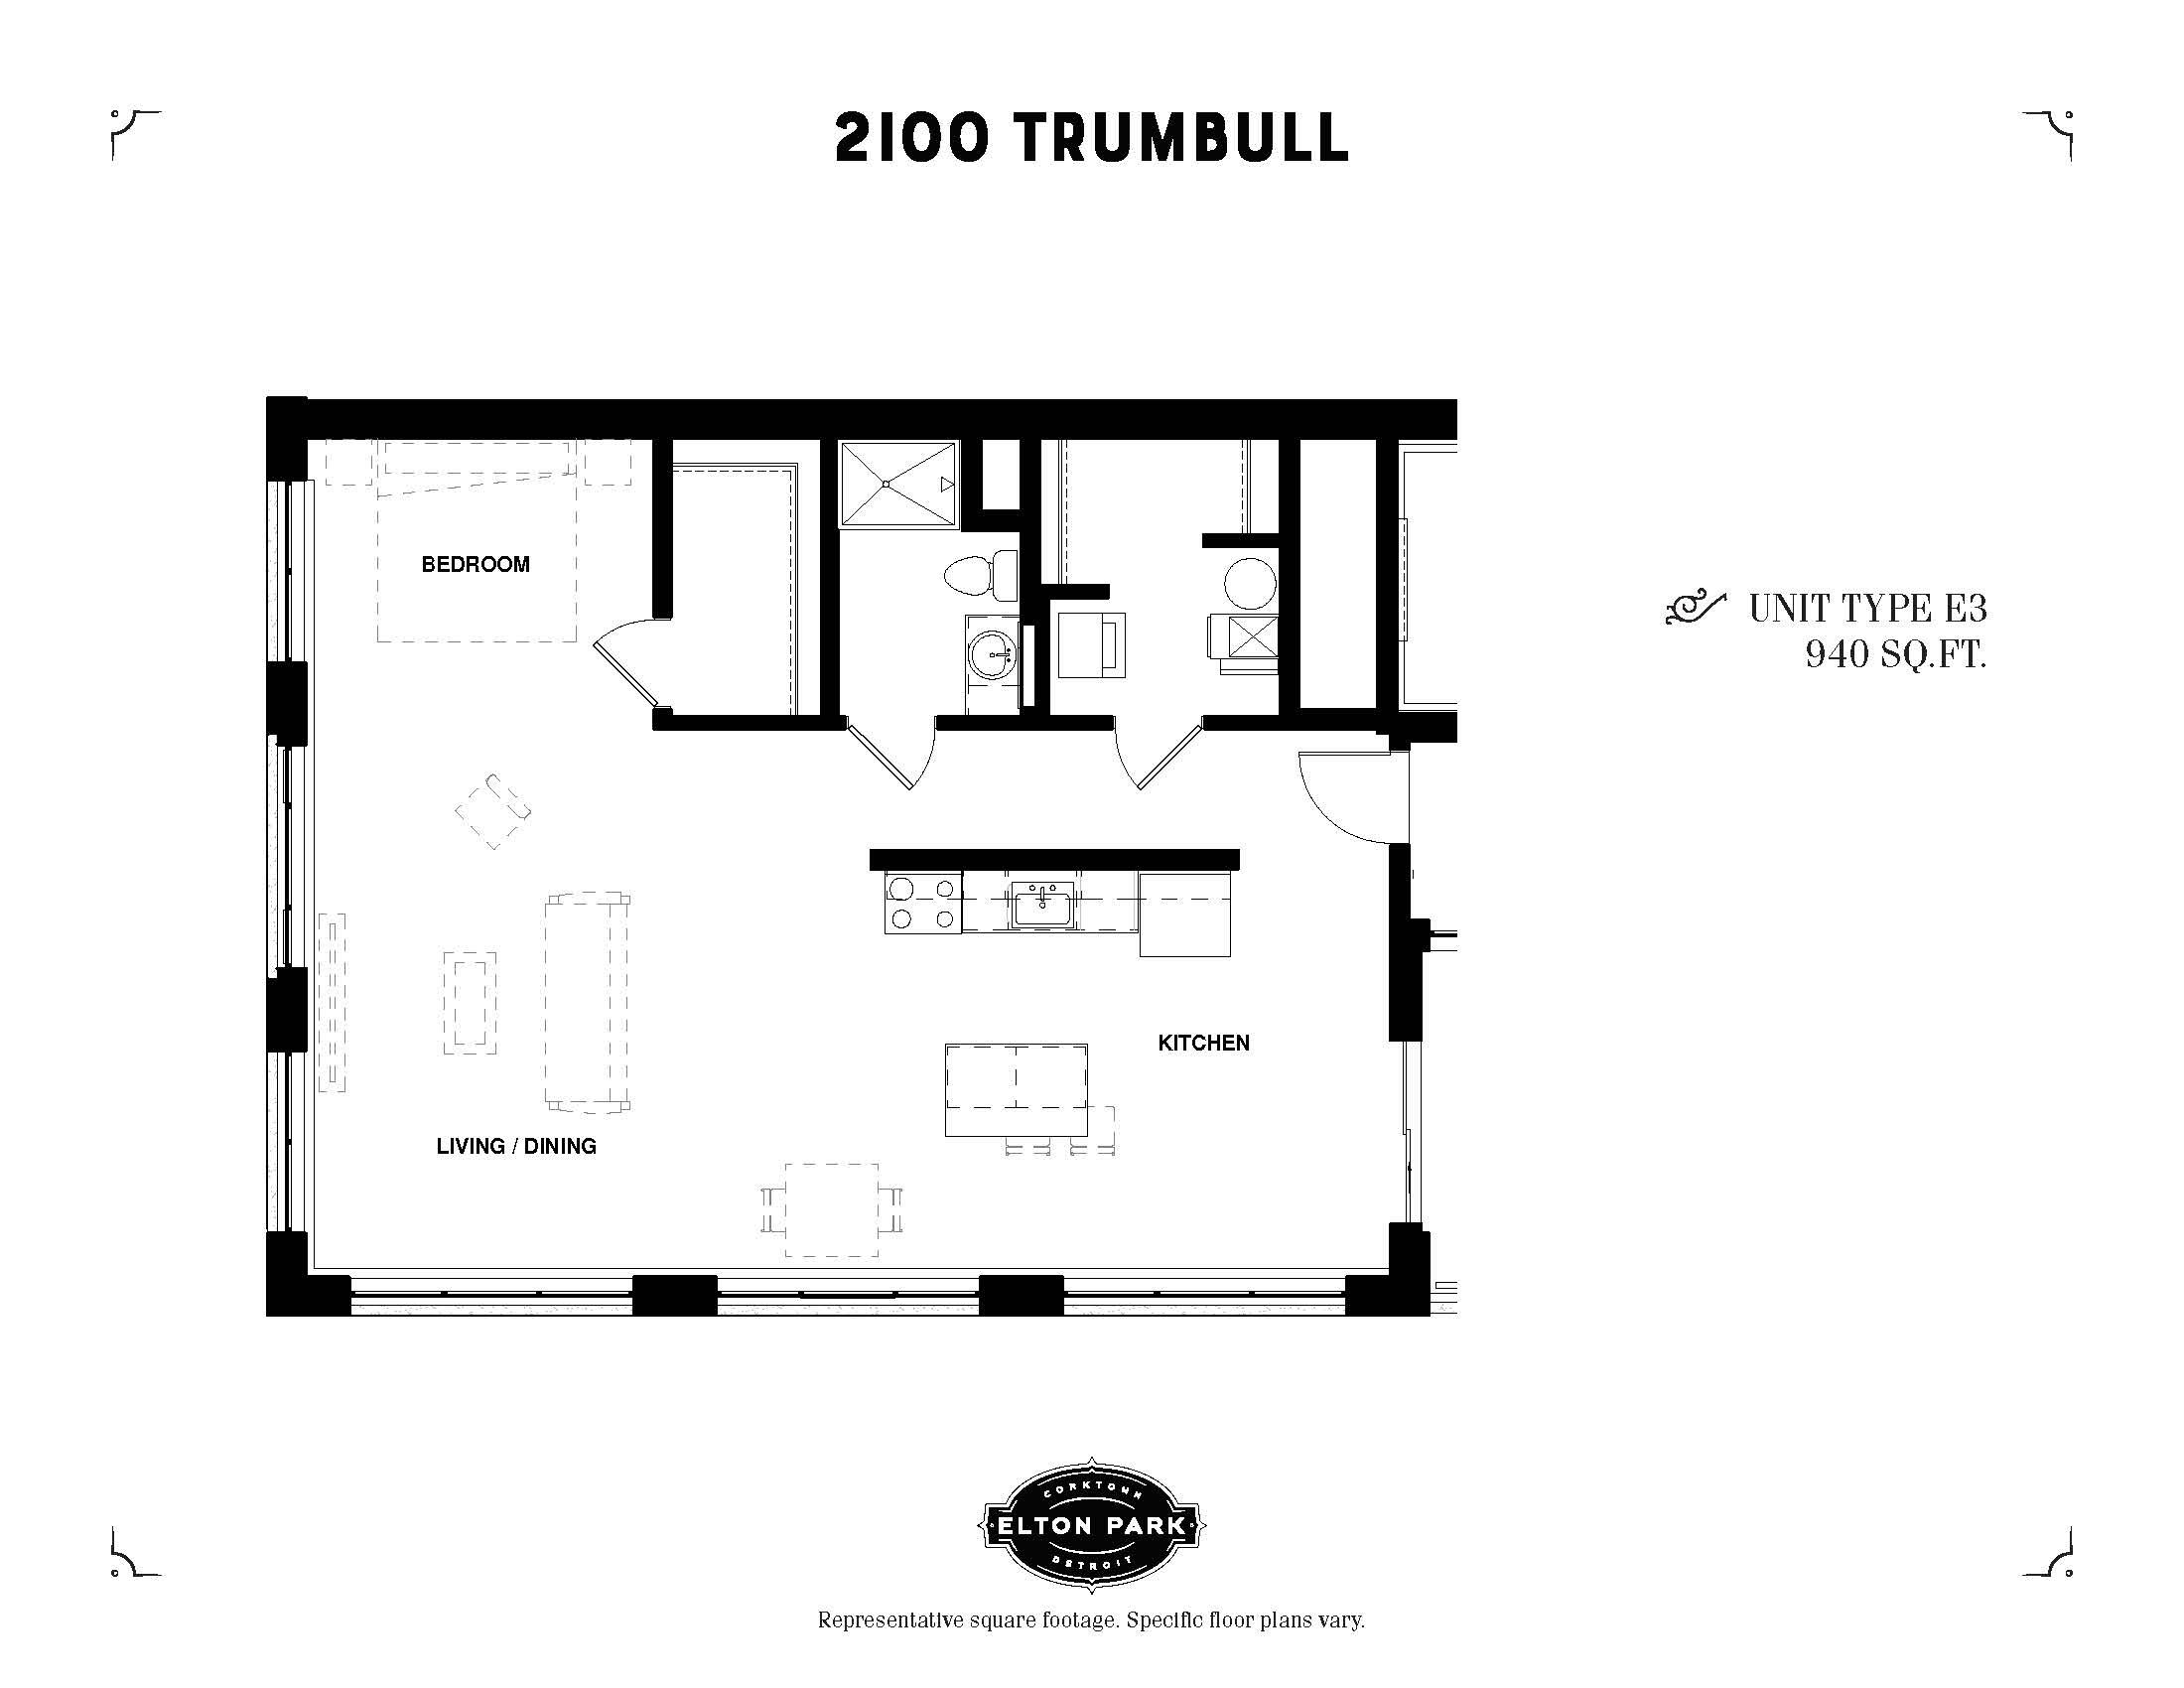 2100 Trumbull Unit Type E3